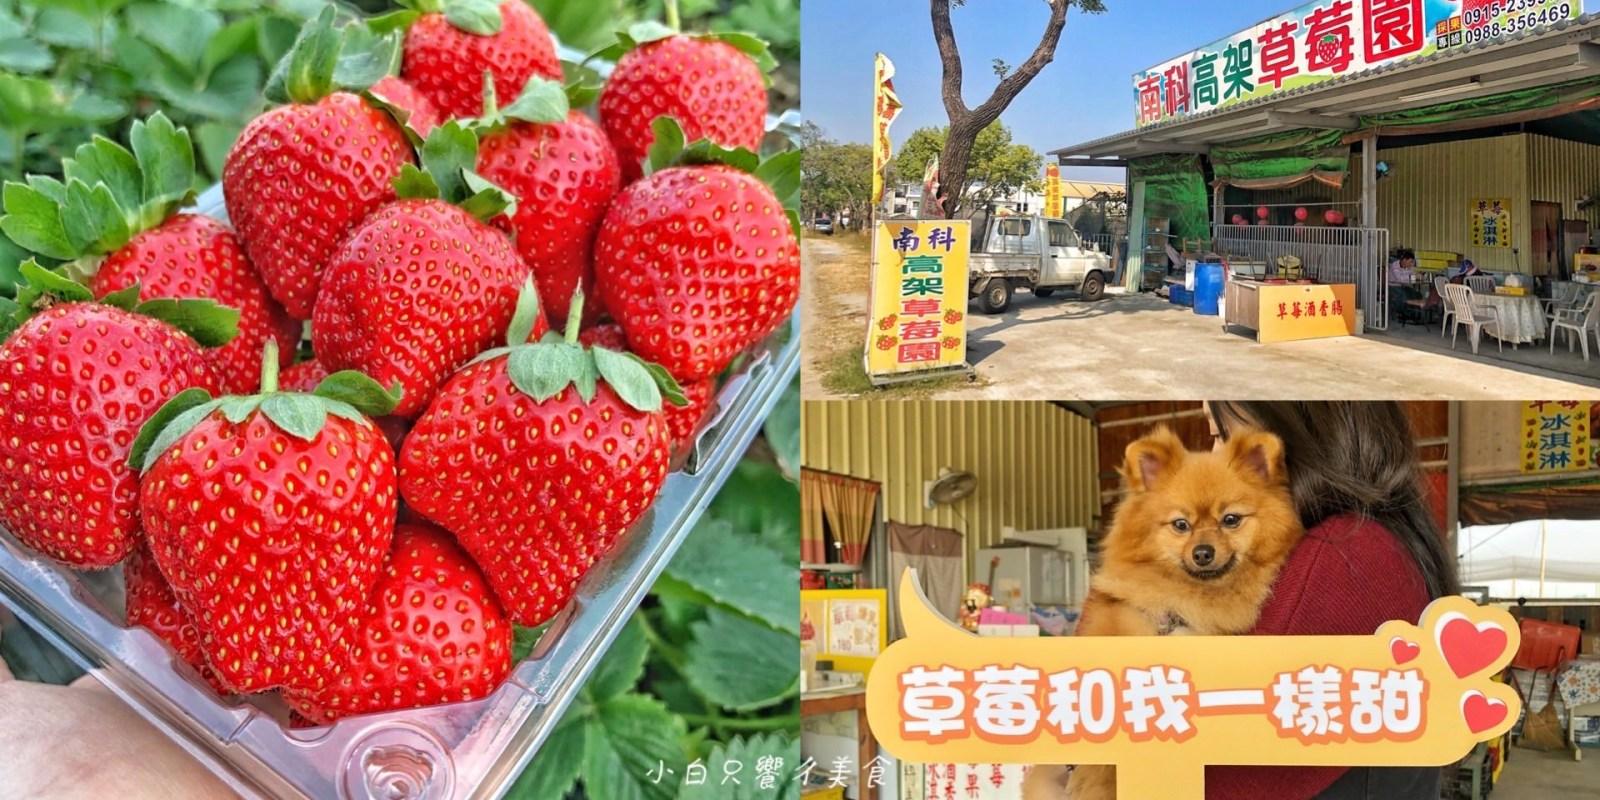 【台南景點】草莓控快來採草莓「南科觀光草莓園」免收門票!草莓休閒觀光/帶小孩的好去處/台南善化採草莓